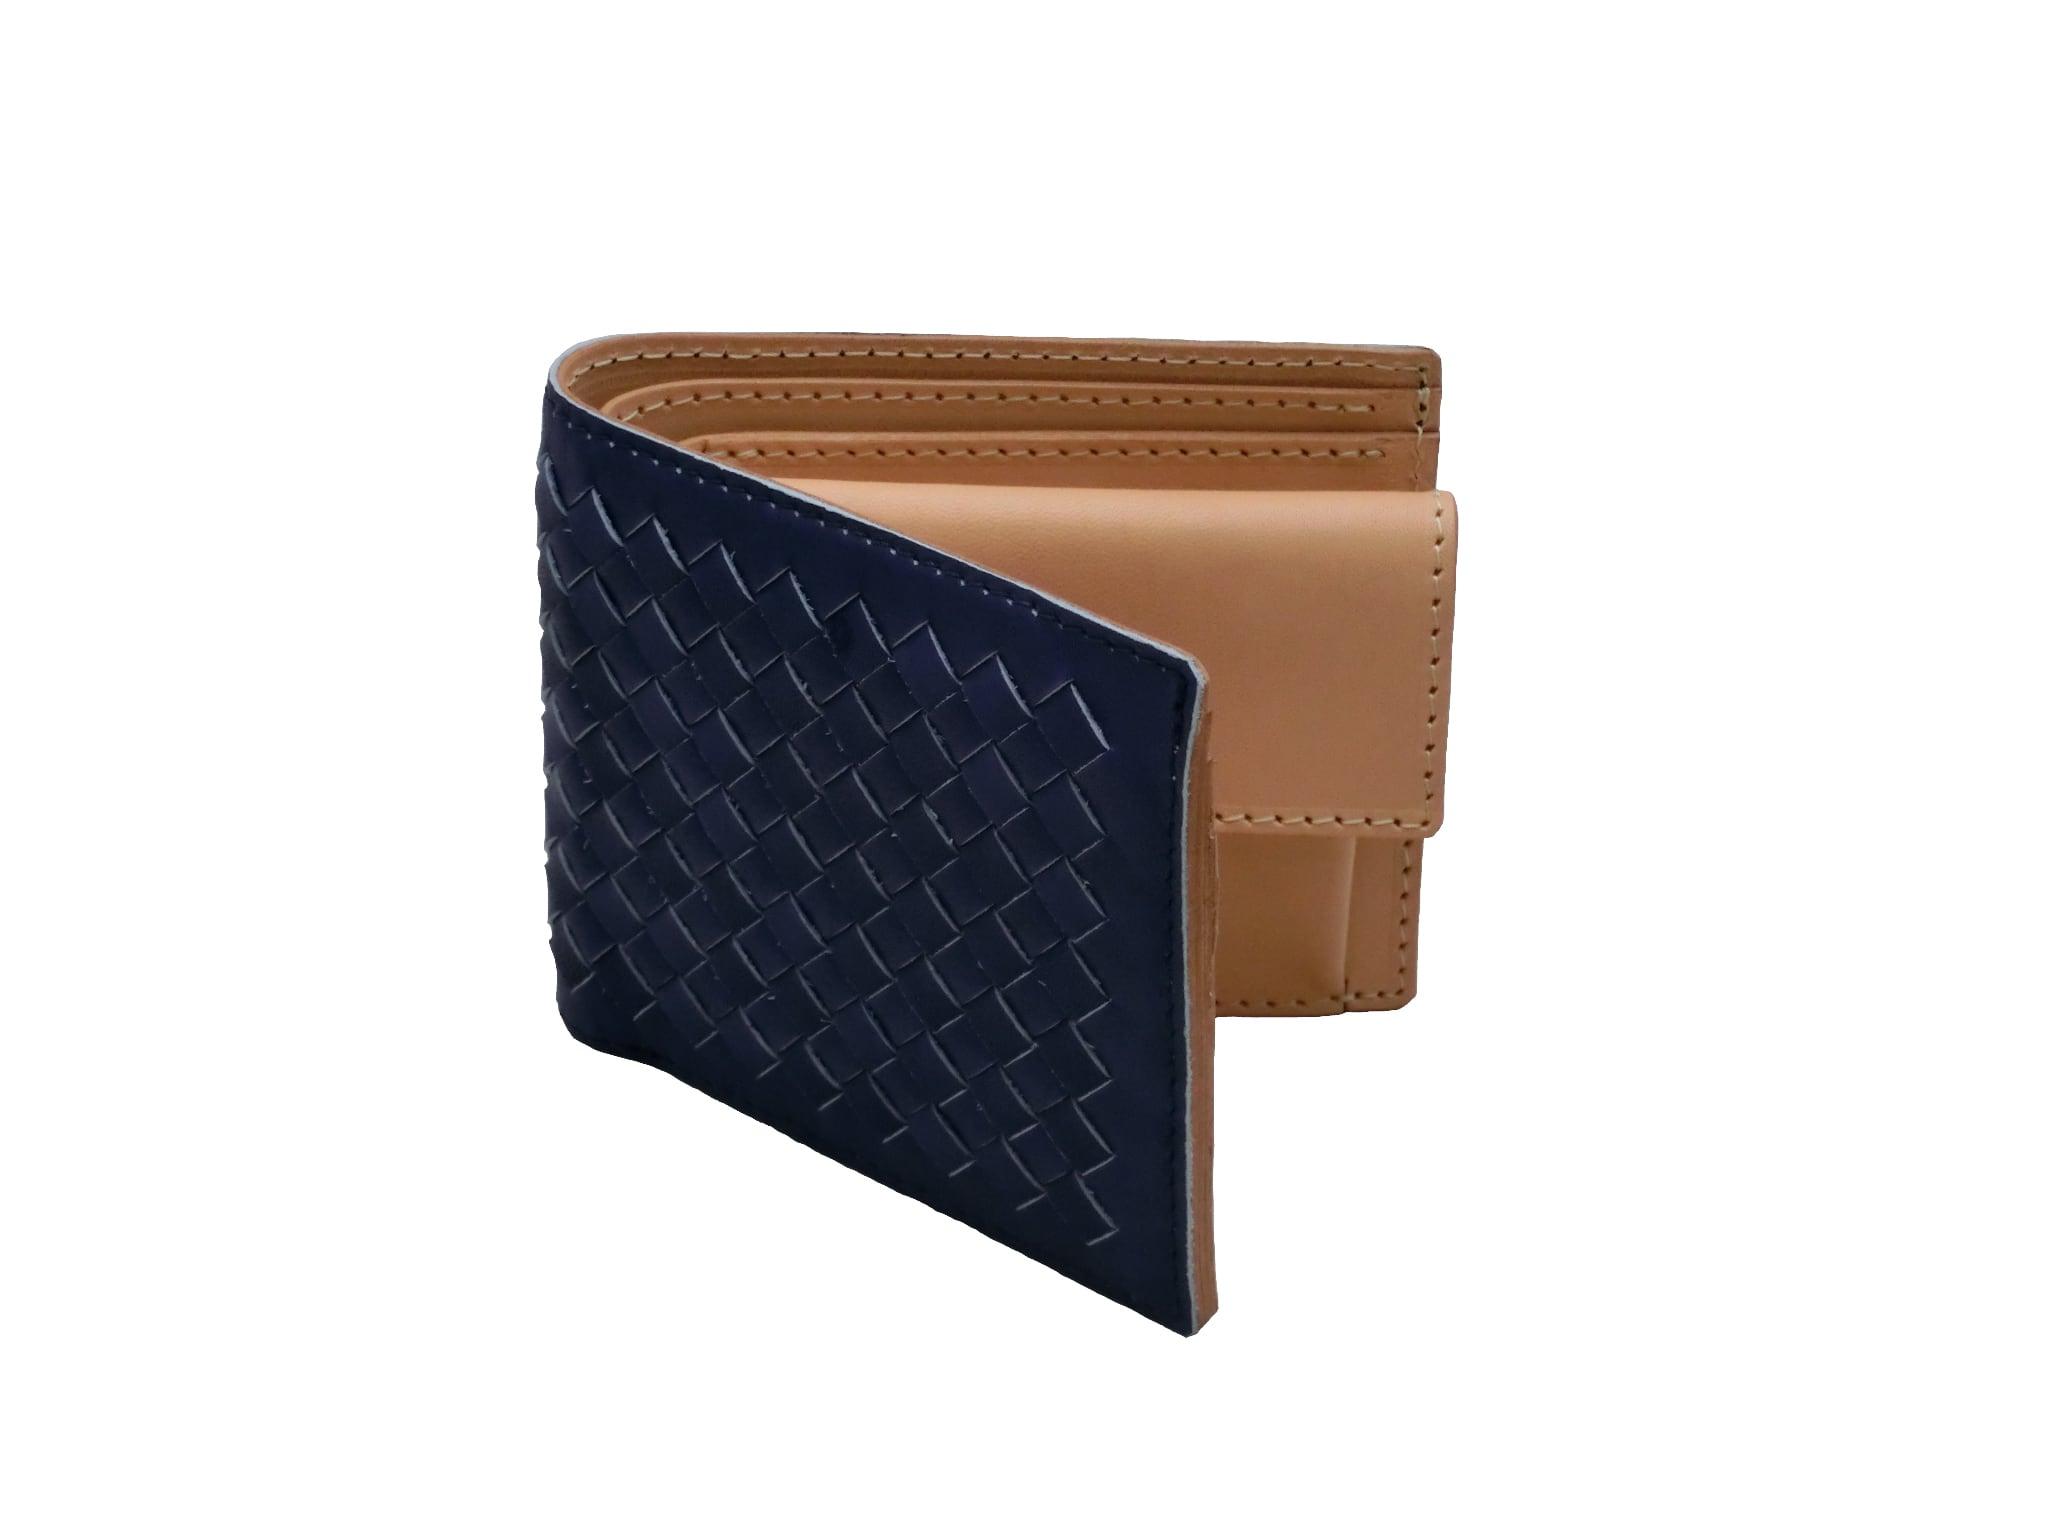 コピー:イントレチャート2つ折り財布 コインポケット付き